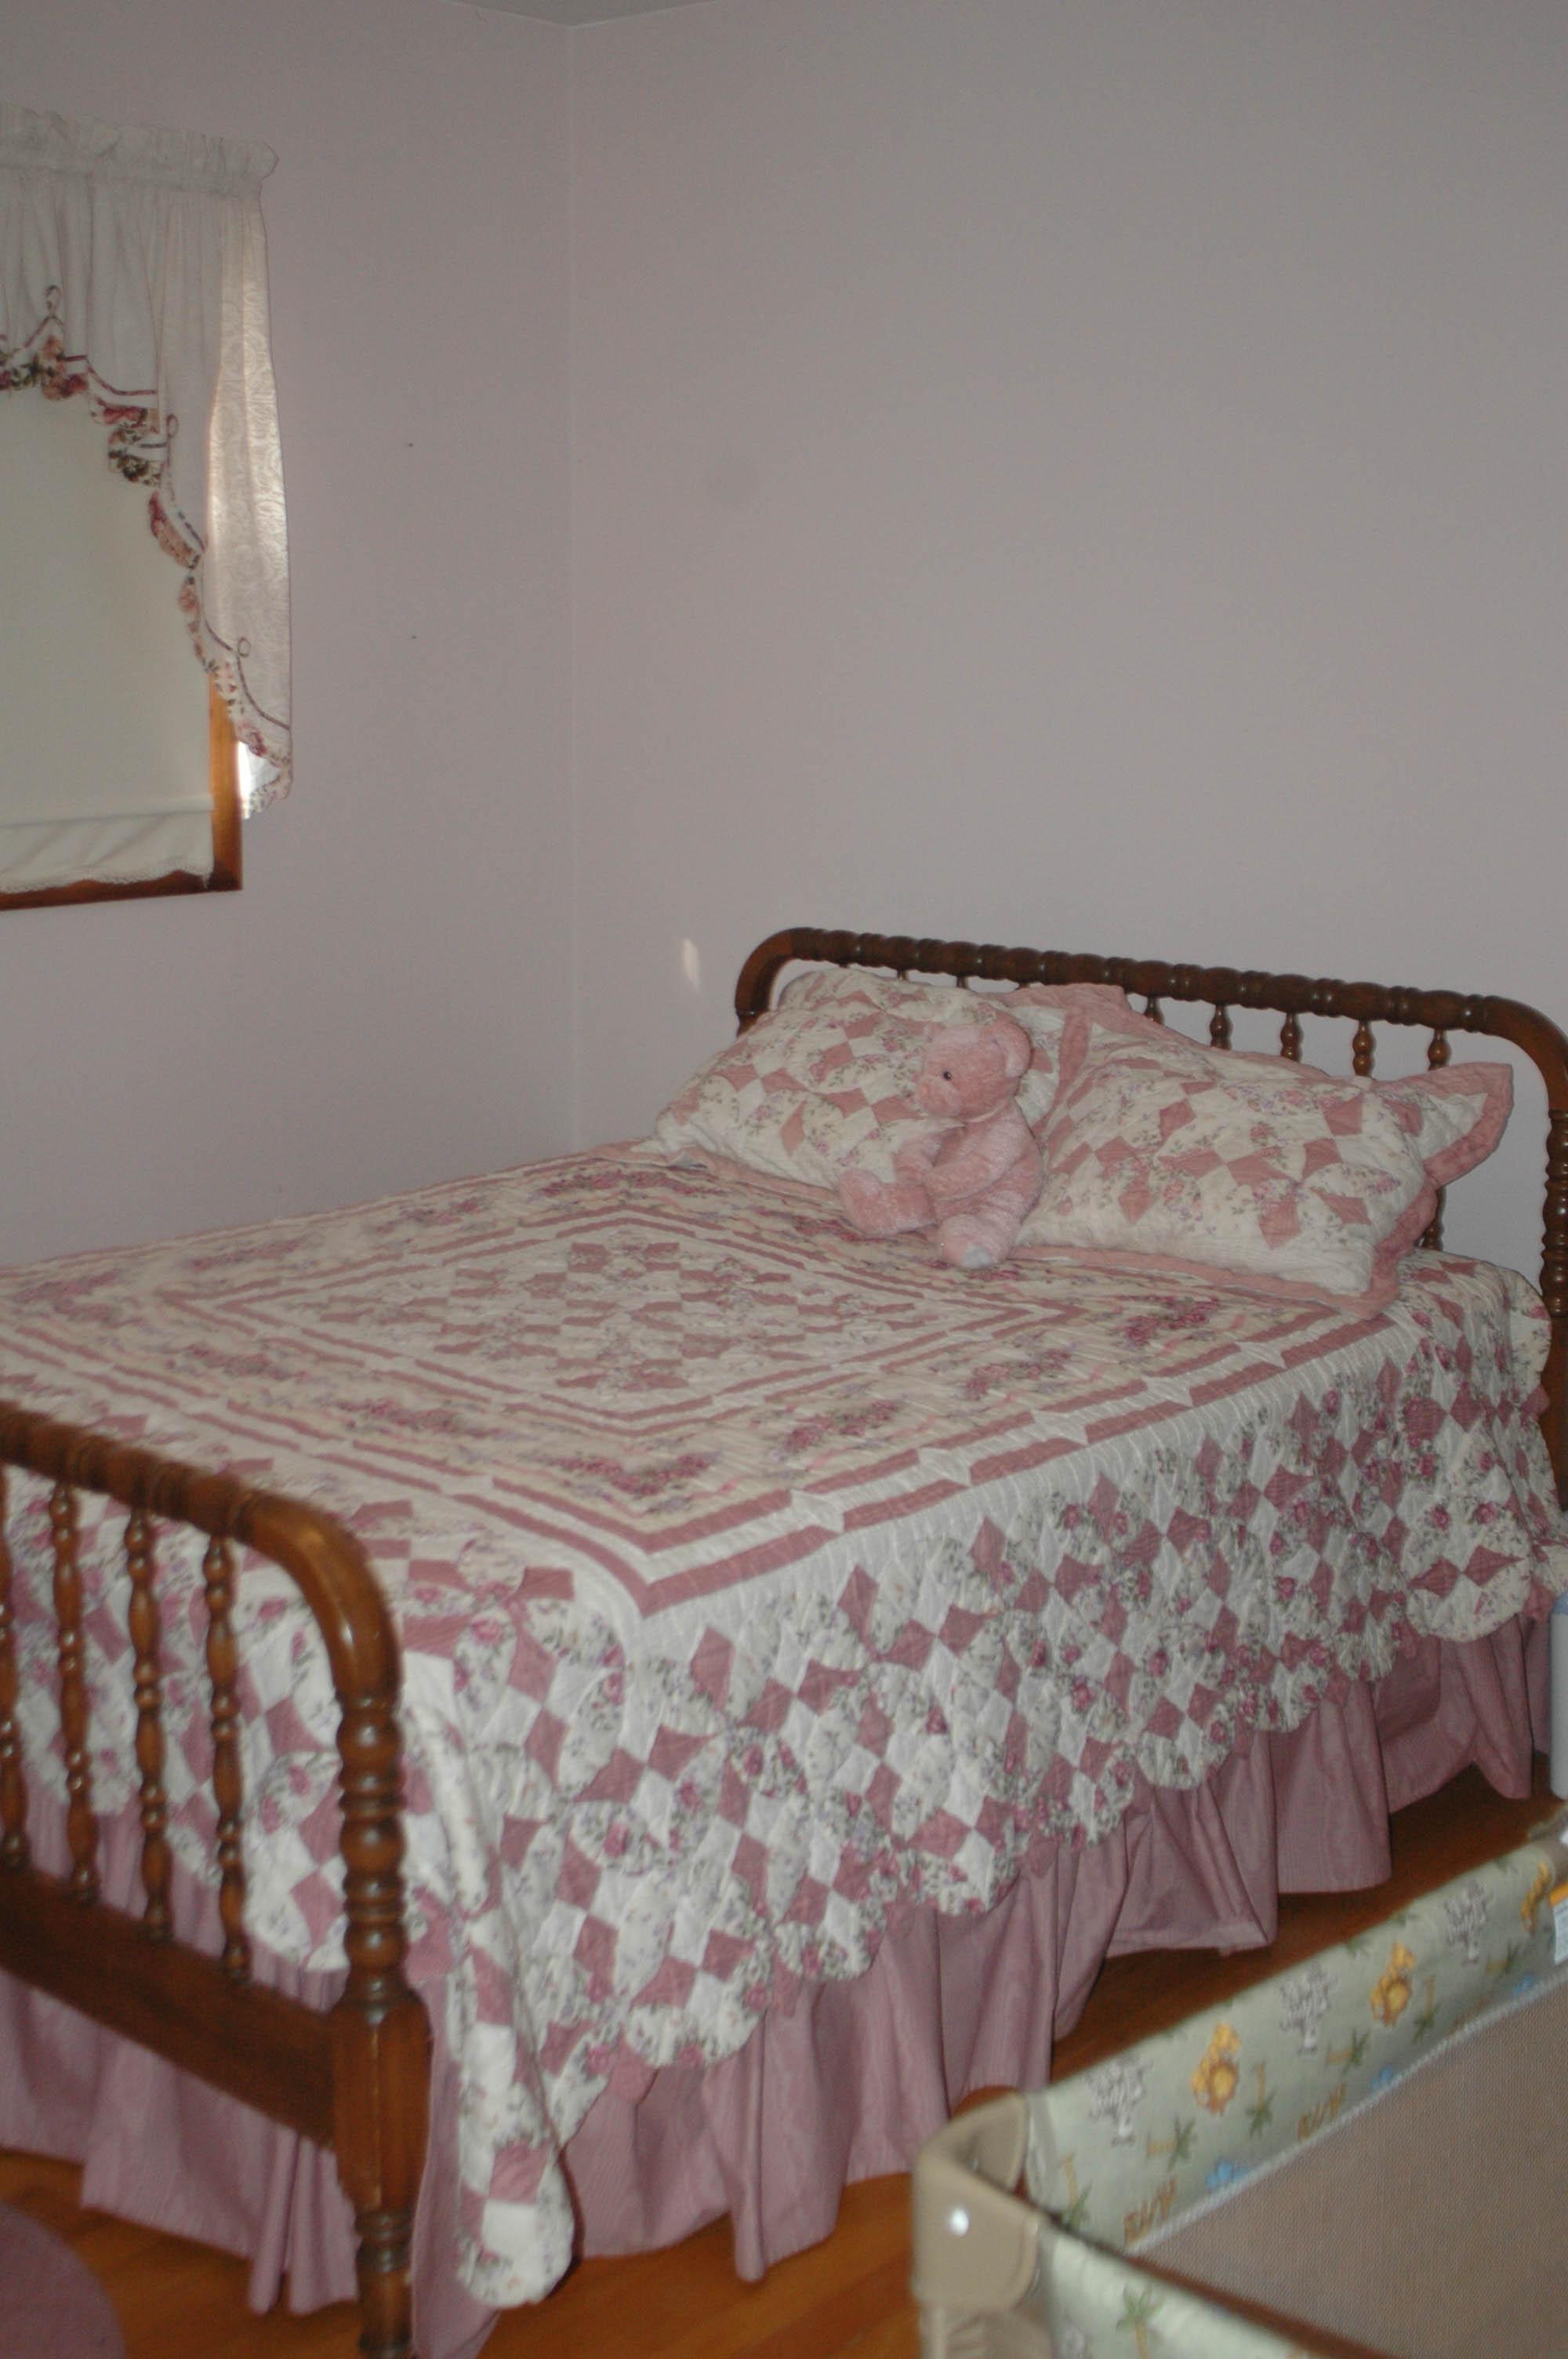 03-11-09- S-Bedroom-2.jpg